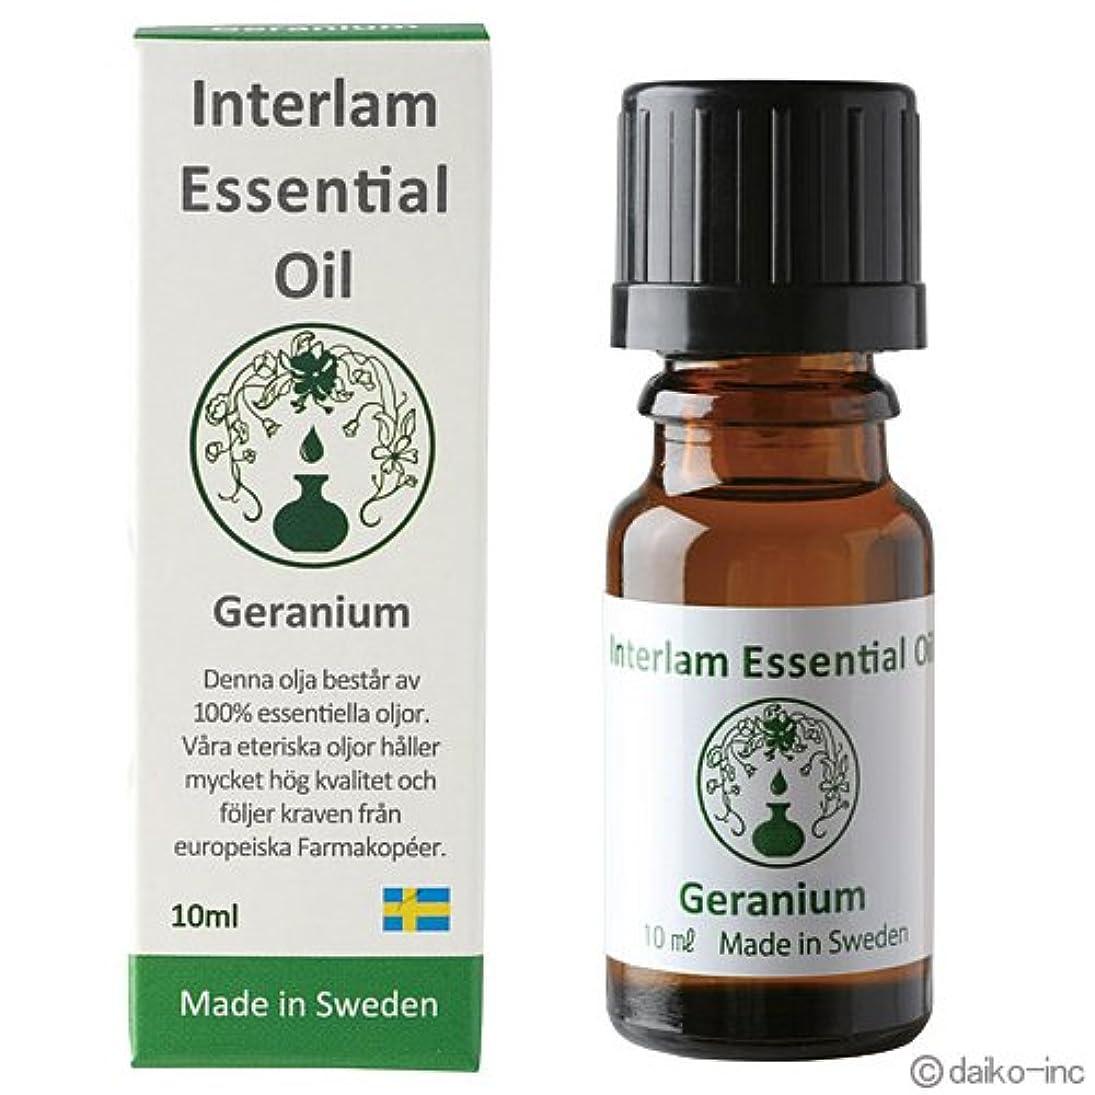 受け取るマニア制限Interlam Essential Oil ゼラニウム 10ml